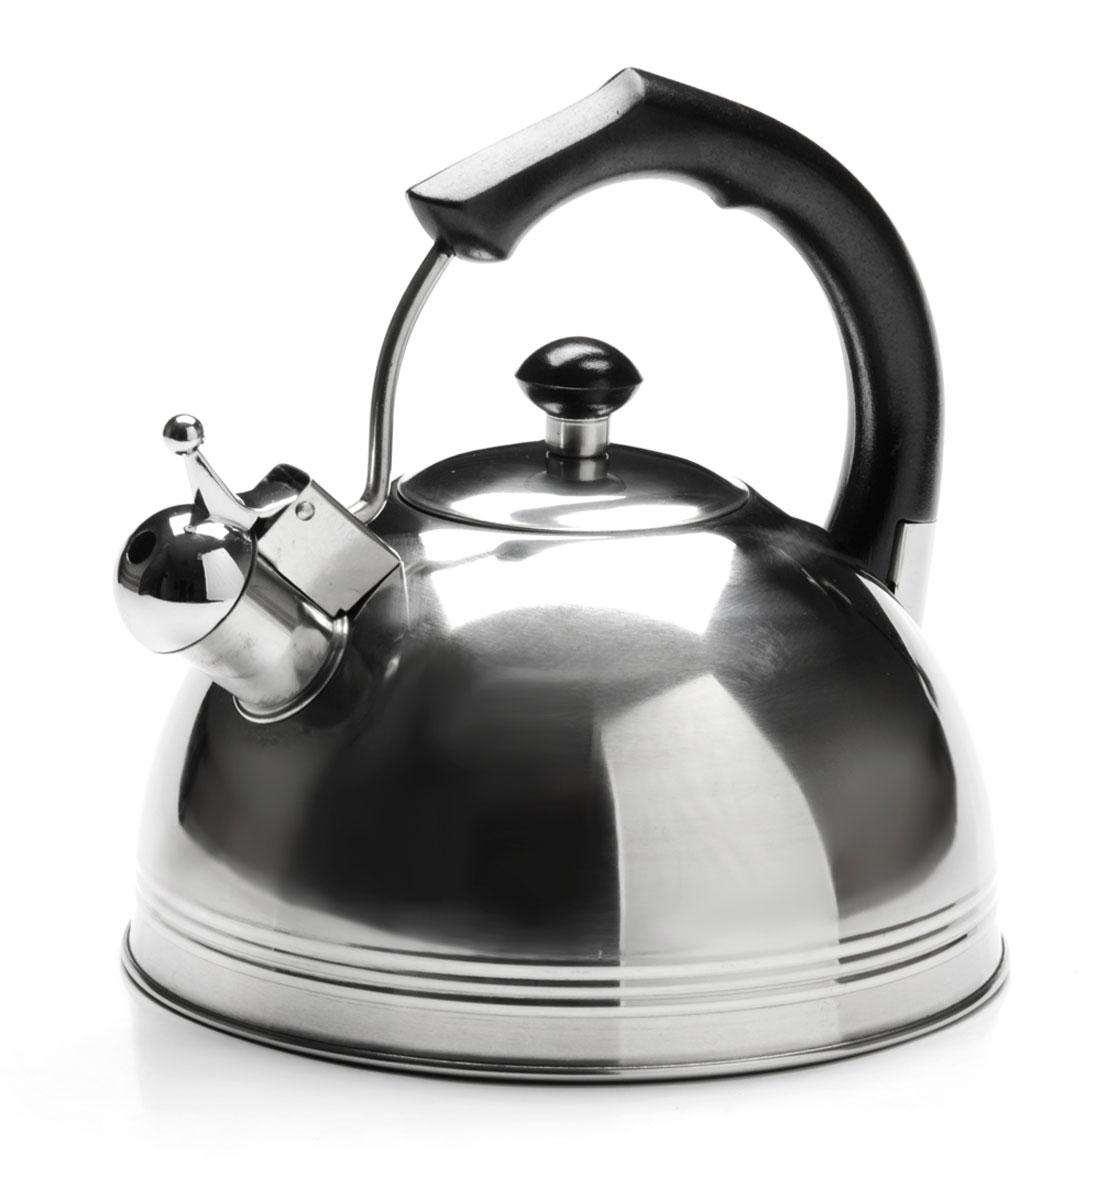 Чайник Mayer & Boch, со свистком, 4 л. 2616626166Чайник изготовлен из высококачественной нержавеющей стали. Изделия из нержавеющей стали не окисляются и не впитывают запахи, благодаря чему вы всегда получите натуральный, насыщенный вкус и аромат напитков. Капсулированное дно с прослойкой из алюминия обеспечивает наилучшее распределение тепла. Эргономичная фиксированная ручка выполнена из нержавеющей стали и бакелита и стилизована под дерево. Носик чайника оснащен насадкой-свистком, который позволяет контролировать процесс кипячения или подогрева воды. Поверхность чайника гладкая, что облегчает уход за ним. Подходит для использования на всех типах плит, кроме индукционных. Подходит для мытья в посудомоечной машине.Объем чайника: 4 литра.